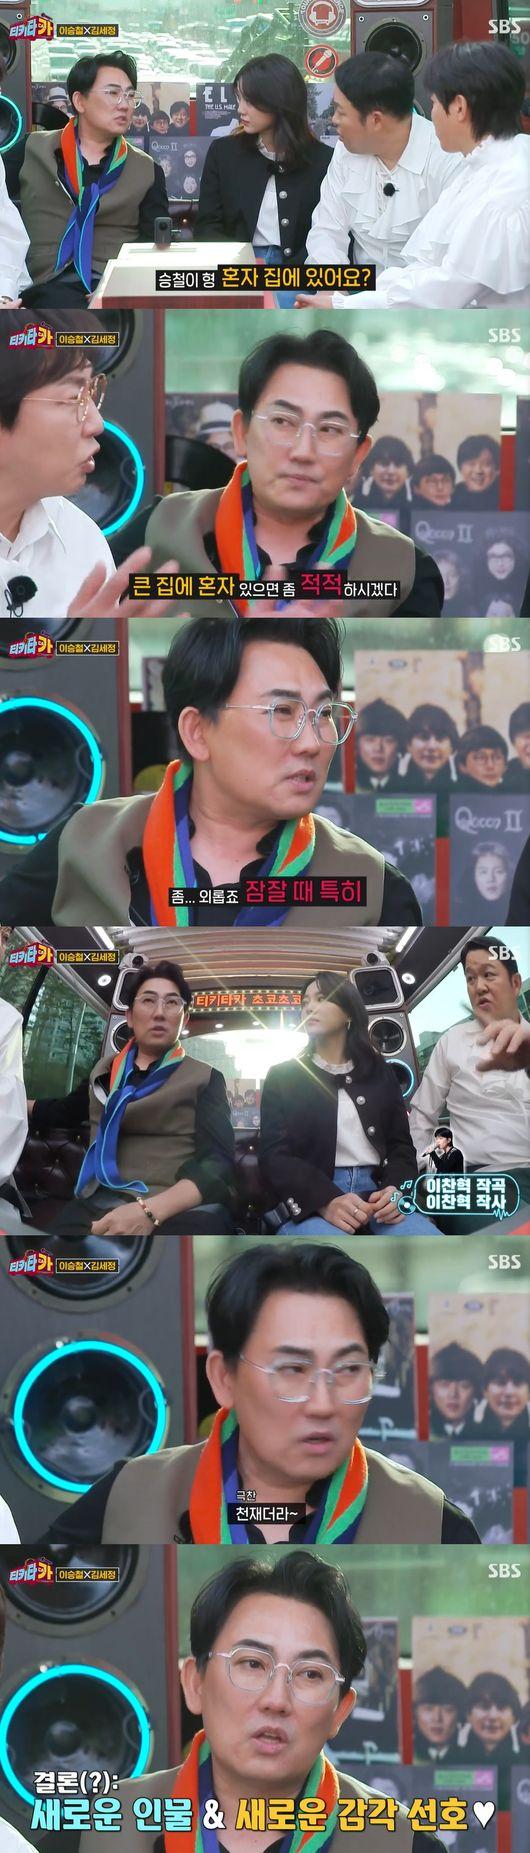 김현수→조수민, 펜트키즈 강림‥이승철 기러기父로 1년 째 생활 중 깜짝 (티키타카) [종합]